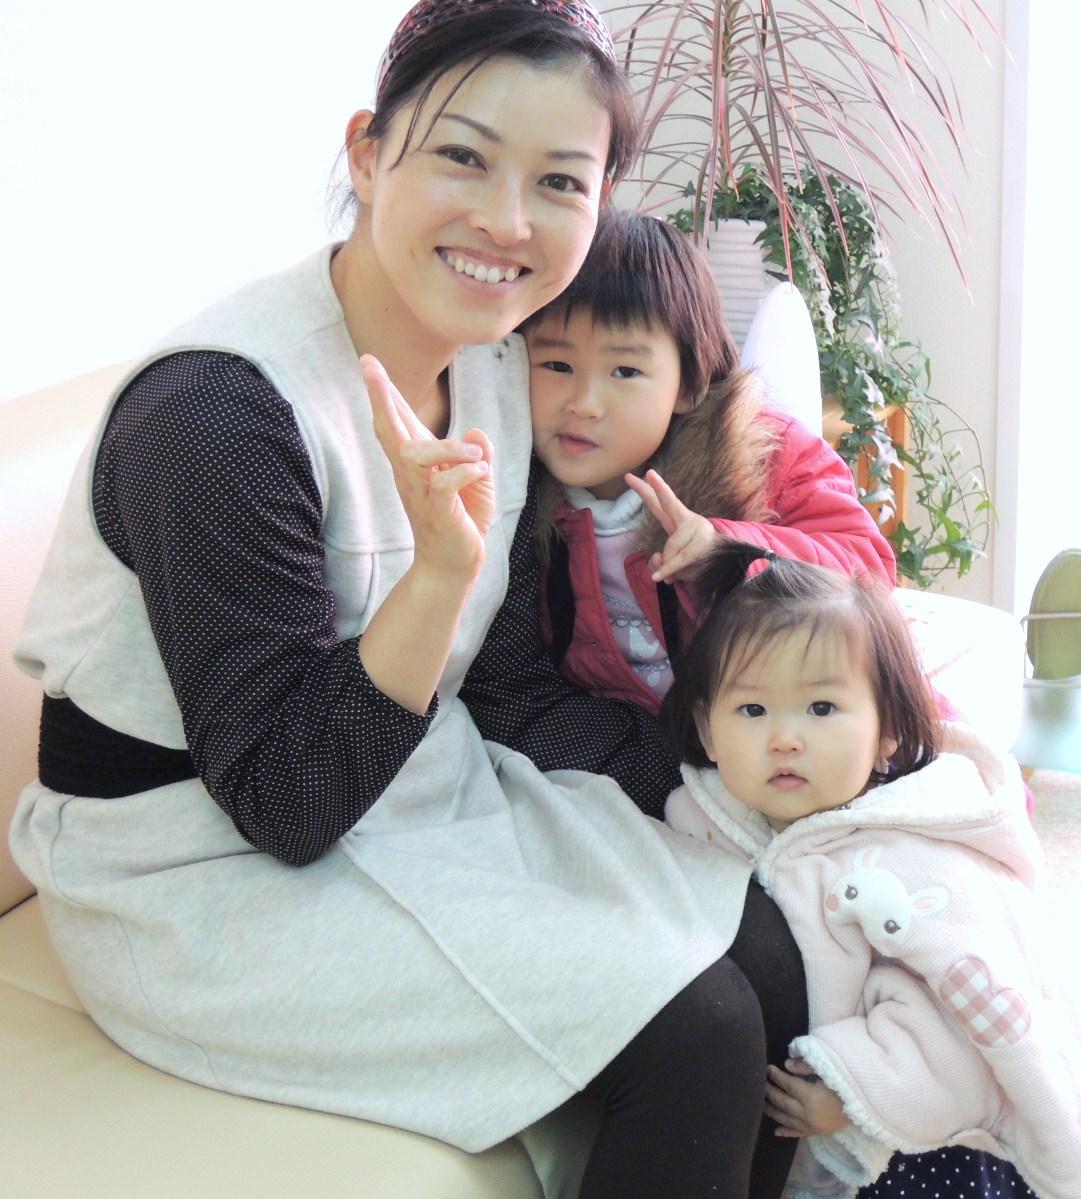 産後の骨盤矯正 K.Aさま 神戸垂水整体院